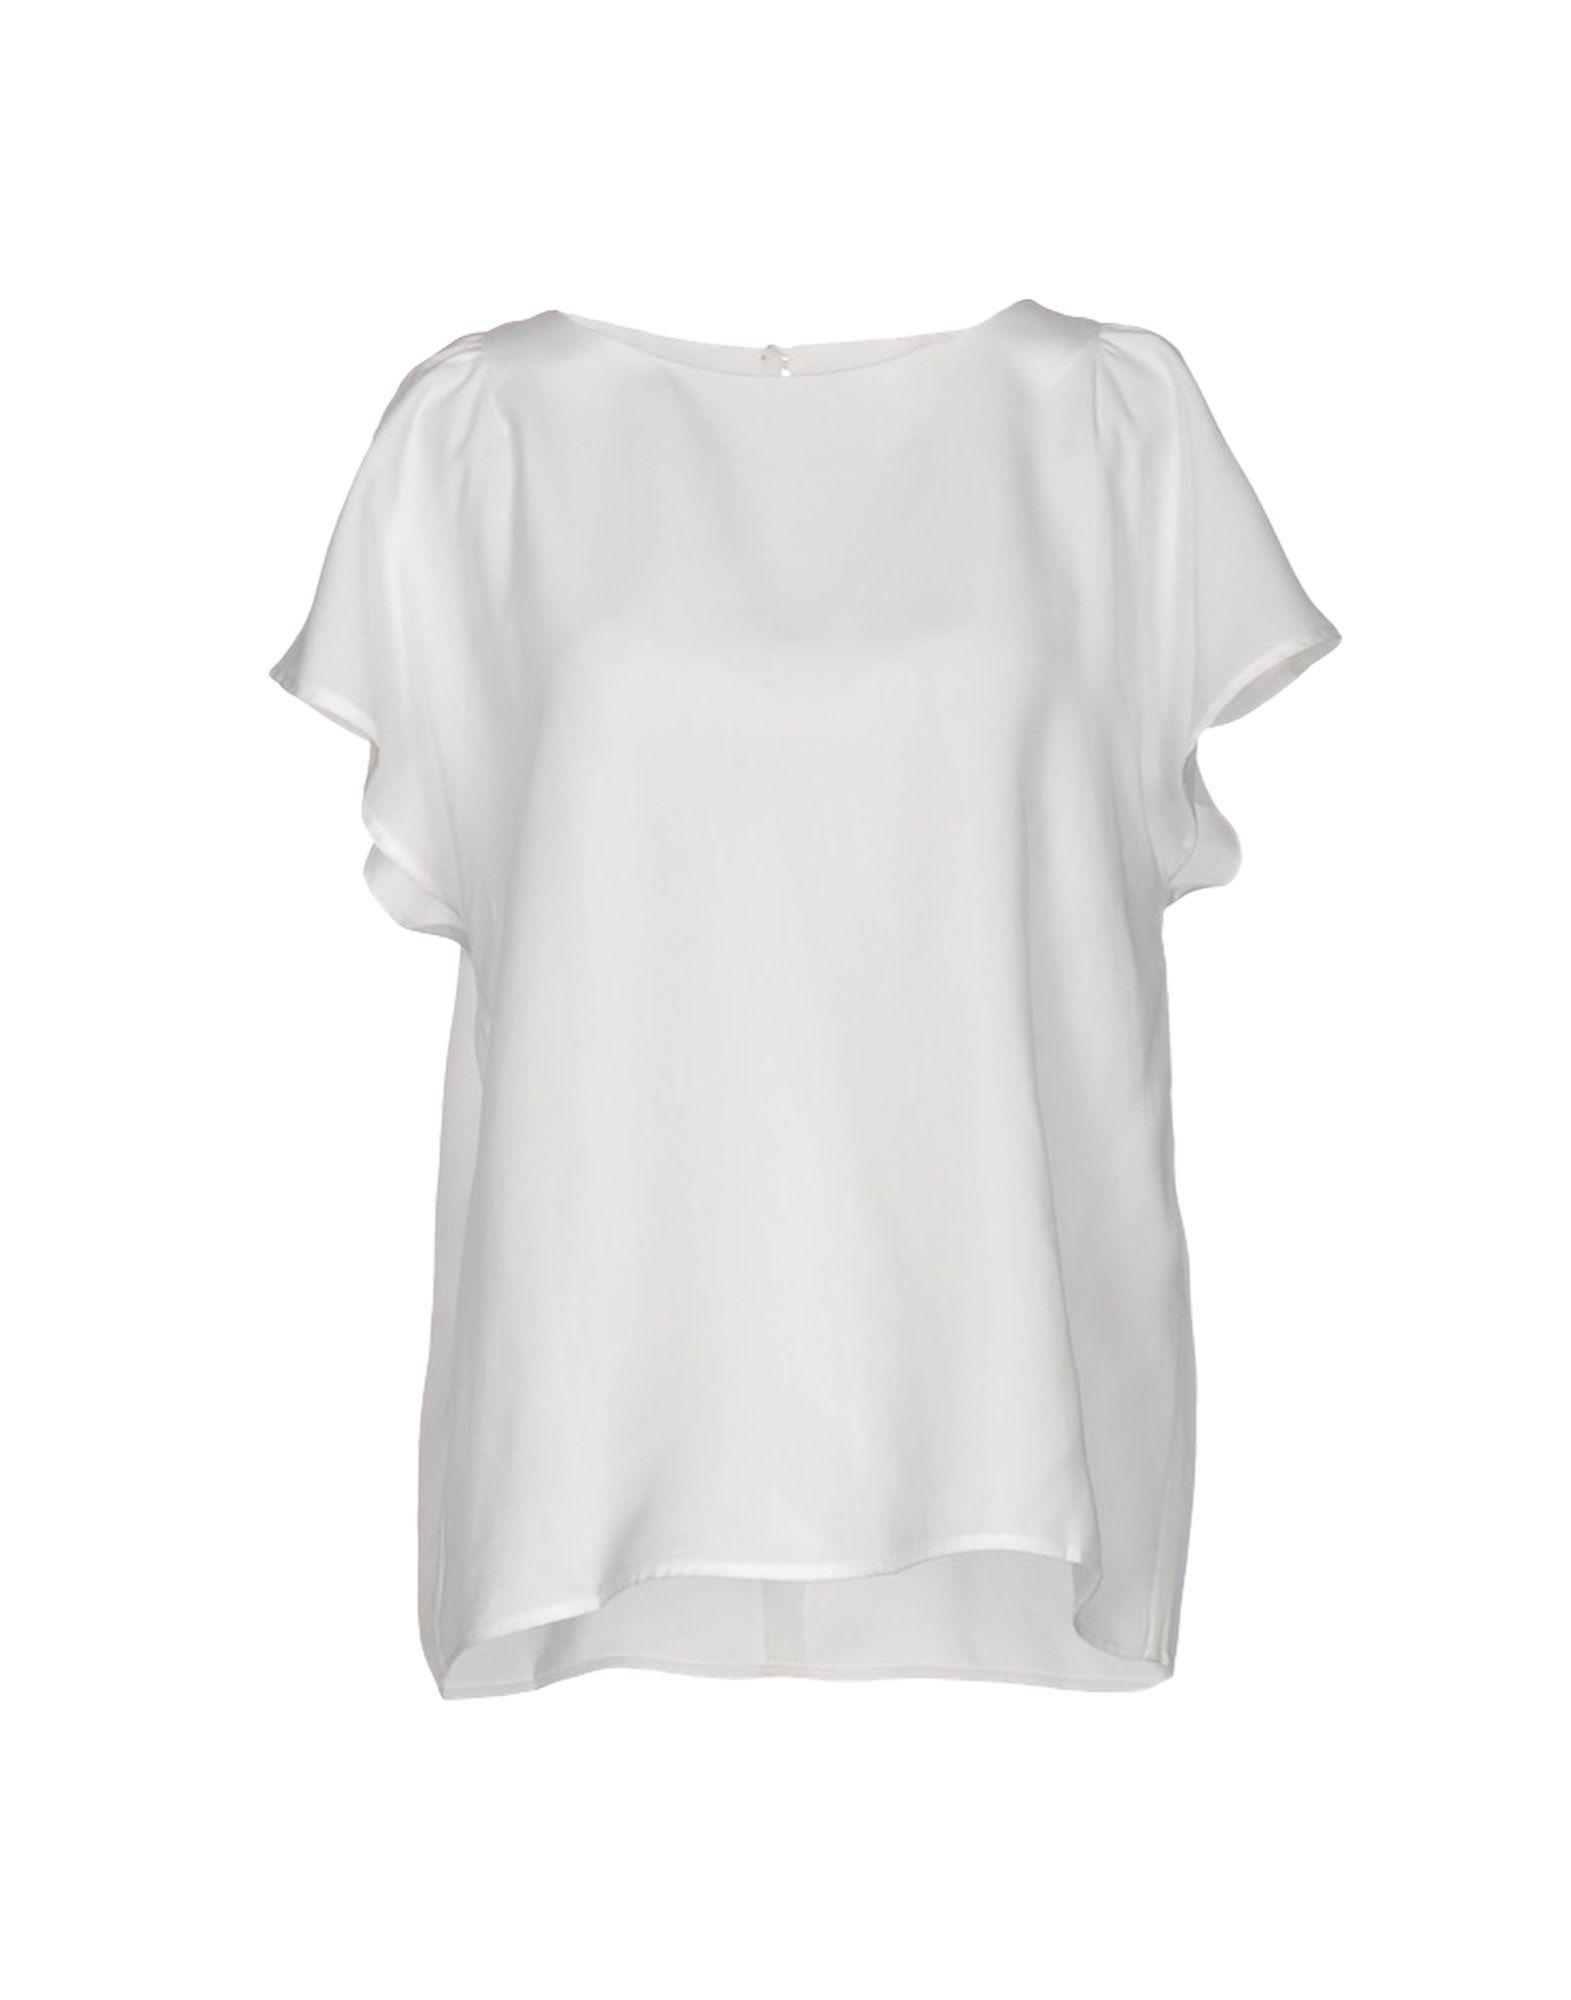 PAUL & JOE Damen Bluse Farbe Elfenbein Größe 4 jetztbilligerkaufen